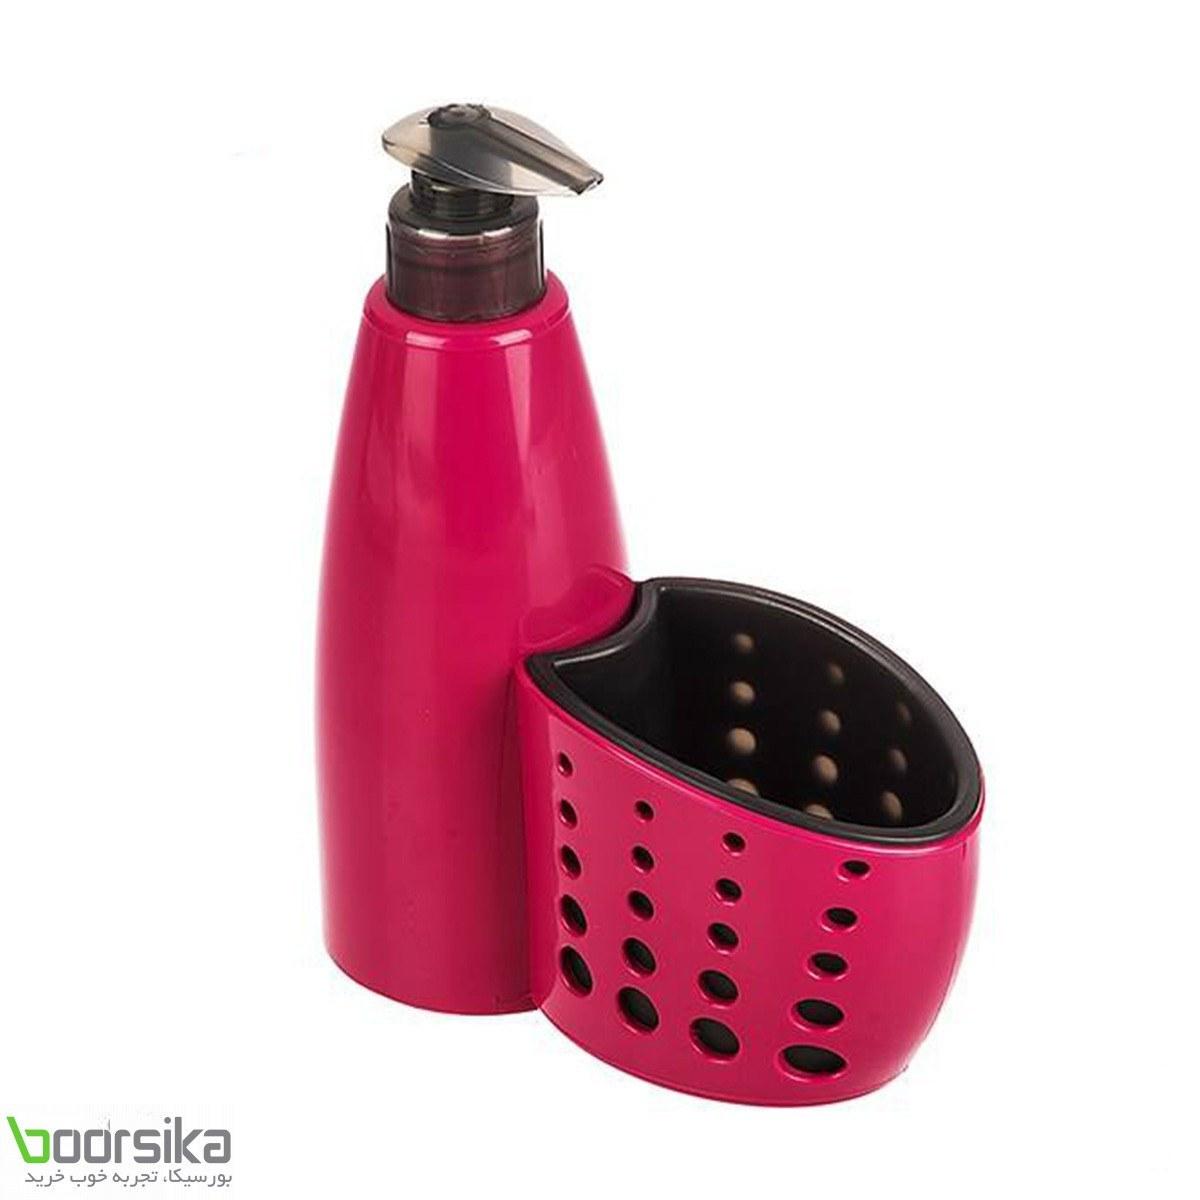 پمپ مایع ظرفشویی یزدگل کد 530